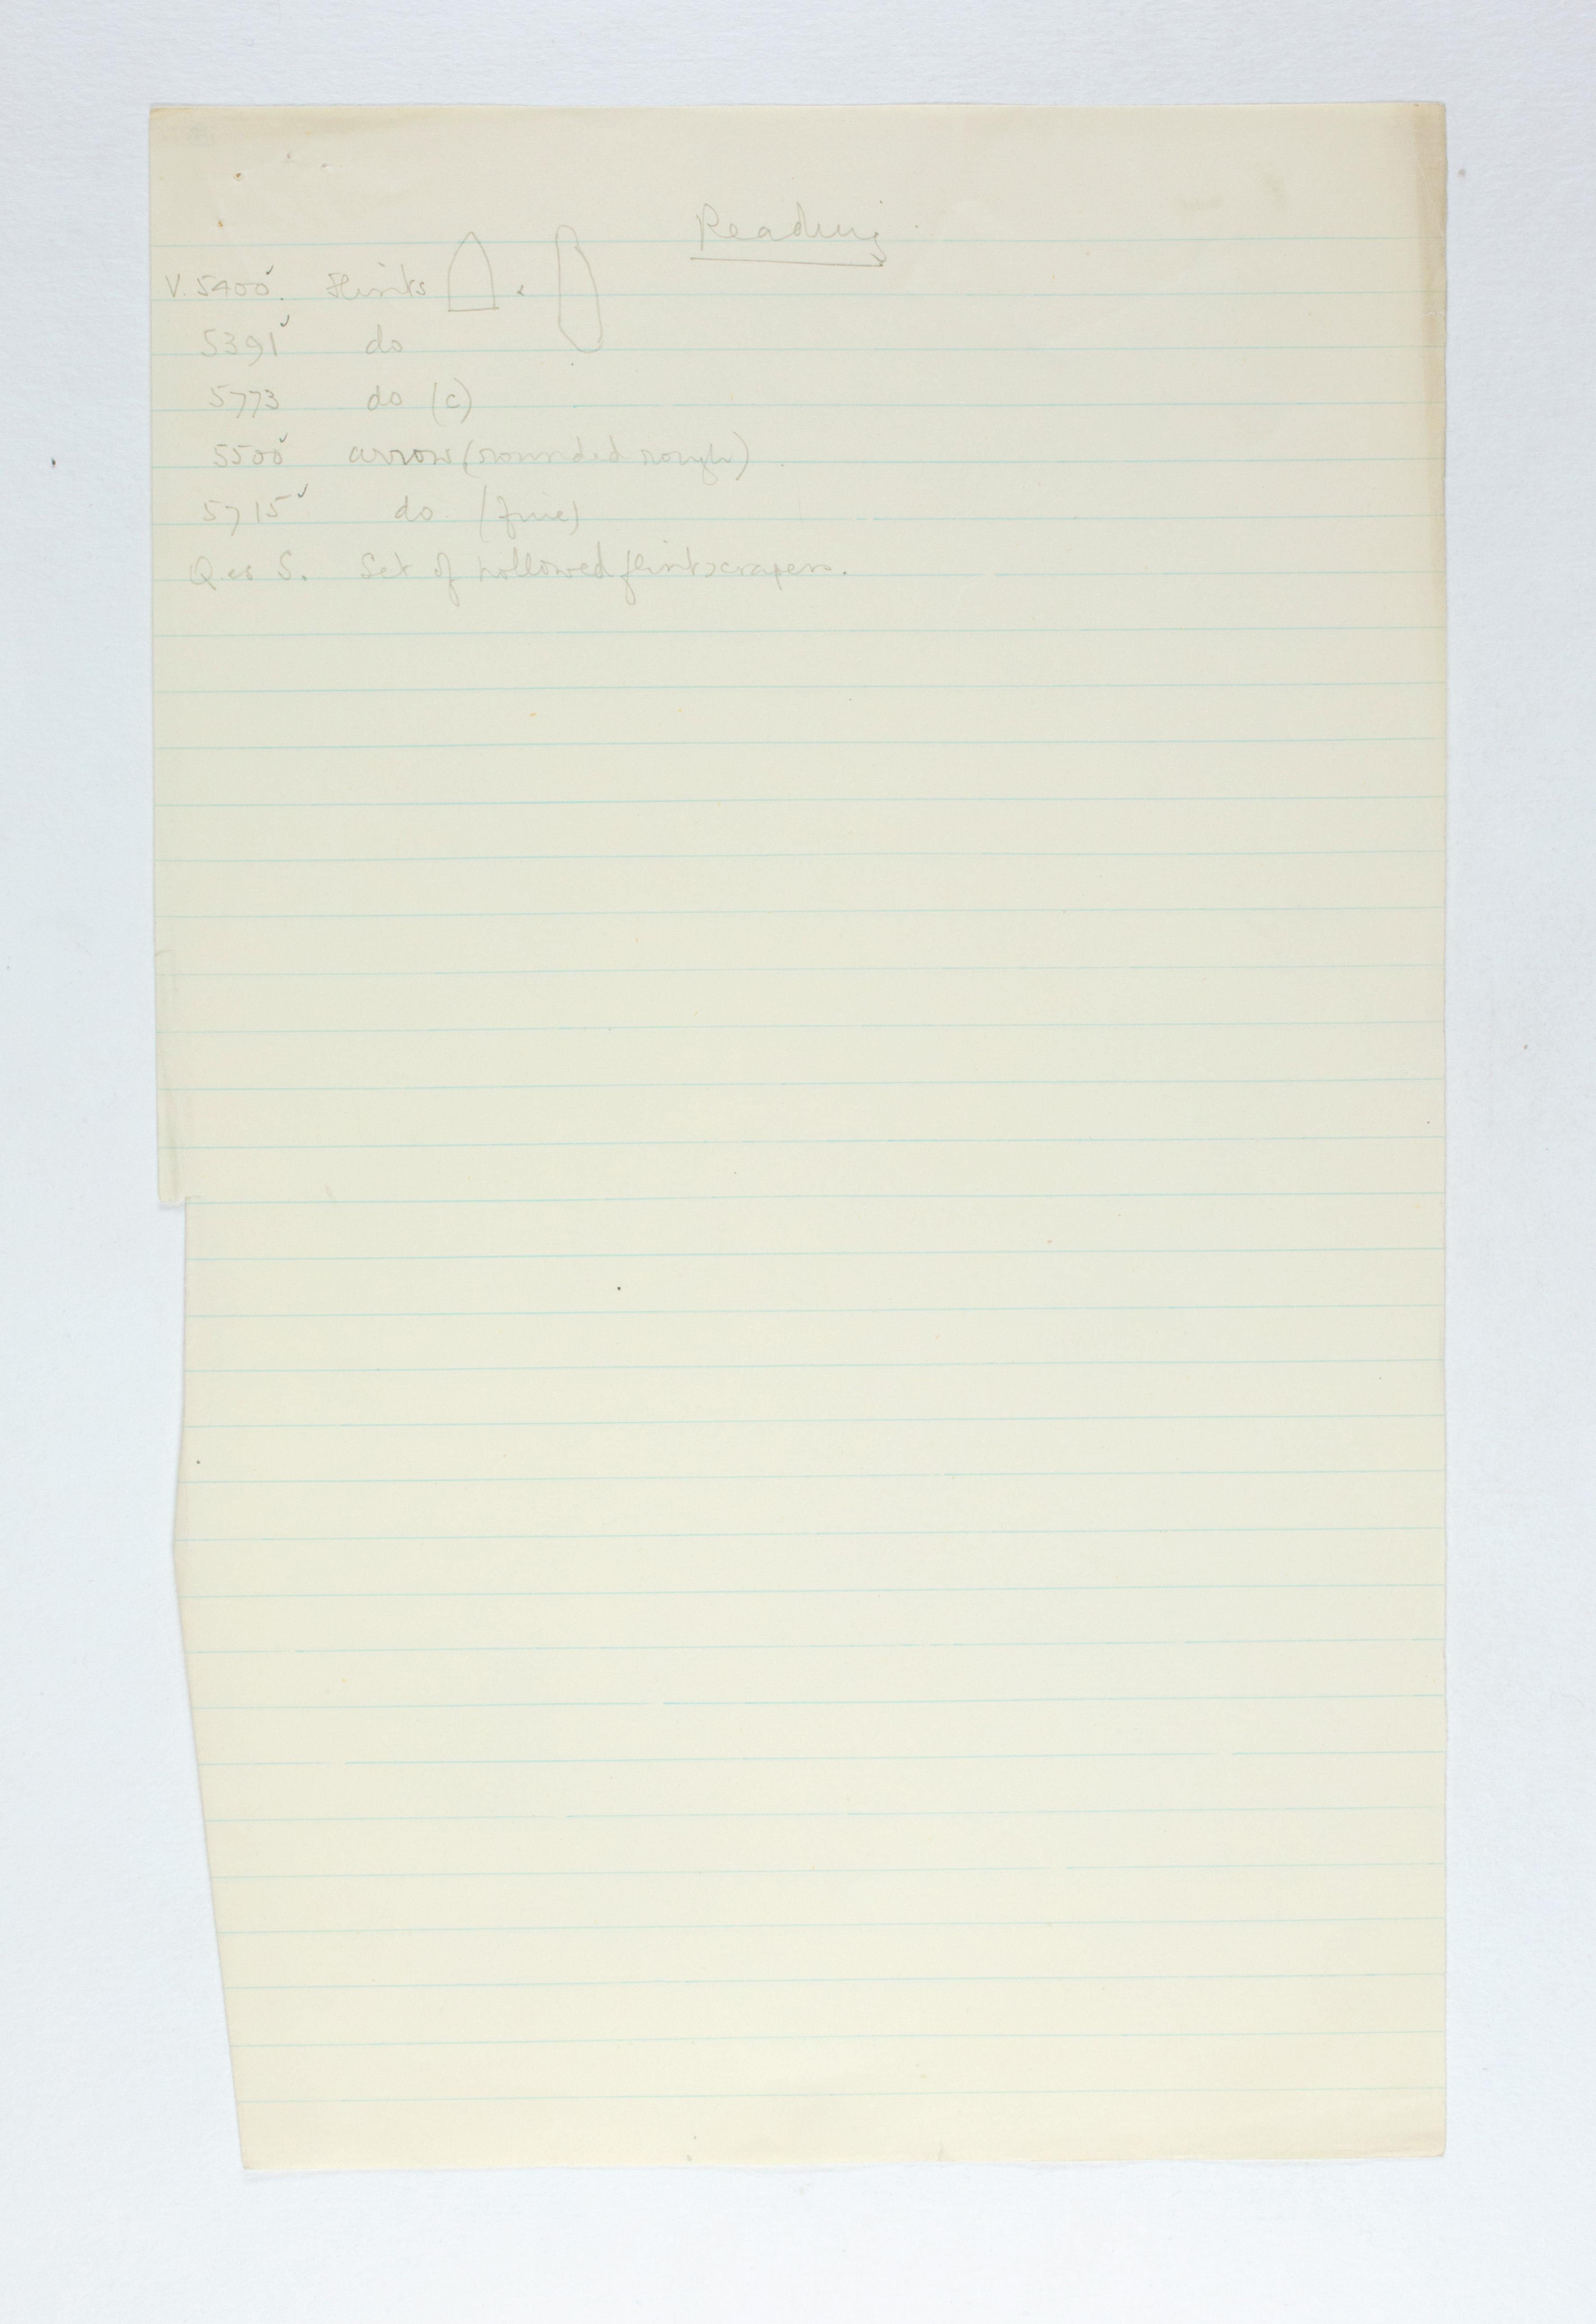 1924-25 Badari, Faiyum Individual institution list PMA/WFP1/D/28/19